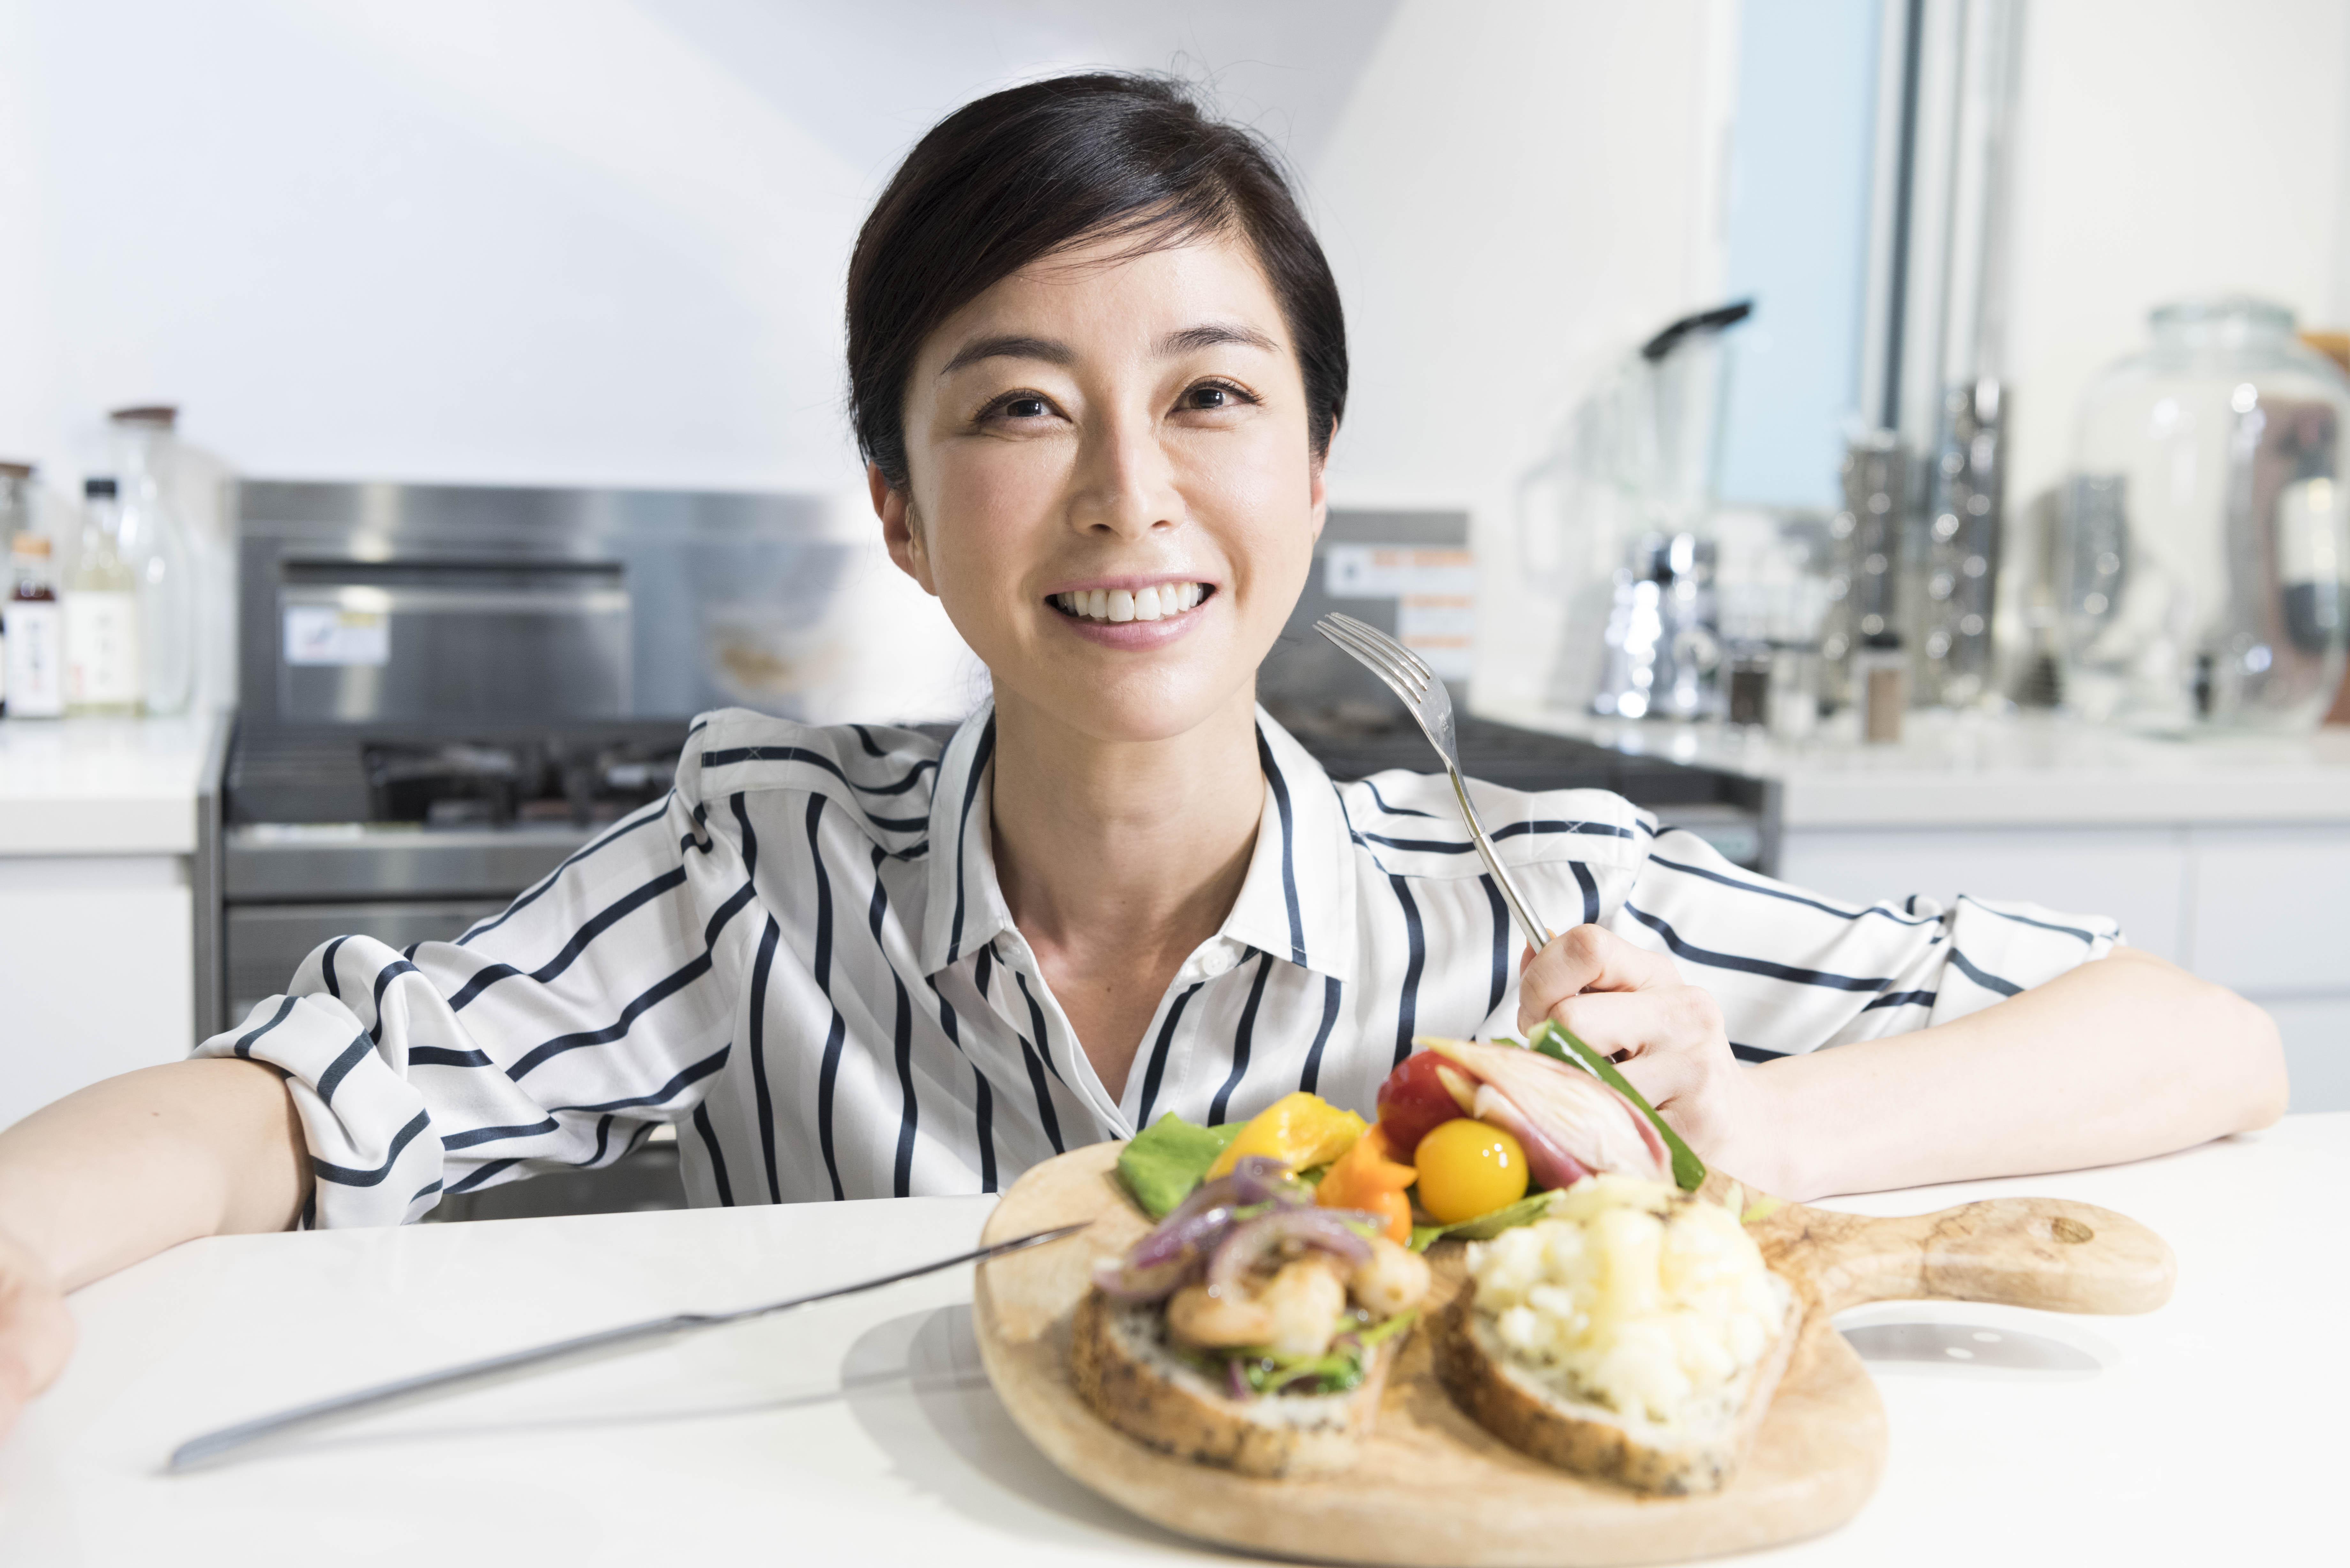 松井美緒さんに教わる、休日のブランチに食べたい2種のカフェ風オープンサンド【Mio's cooking】